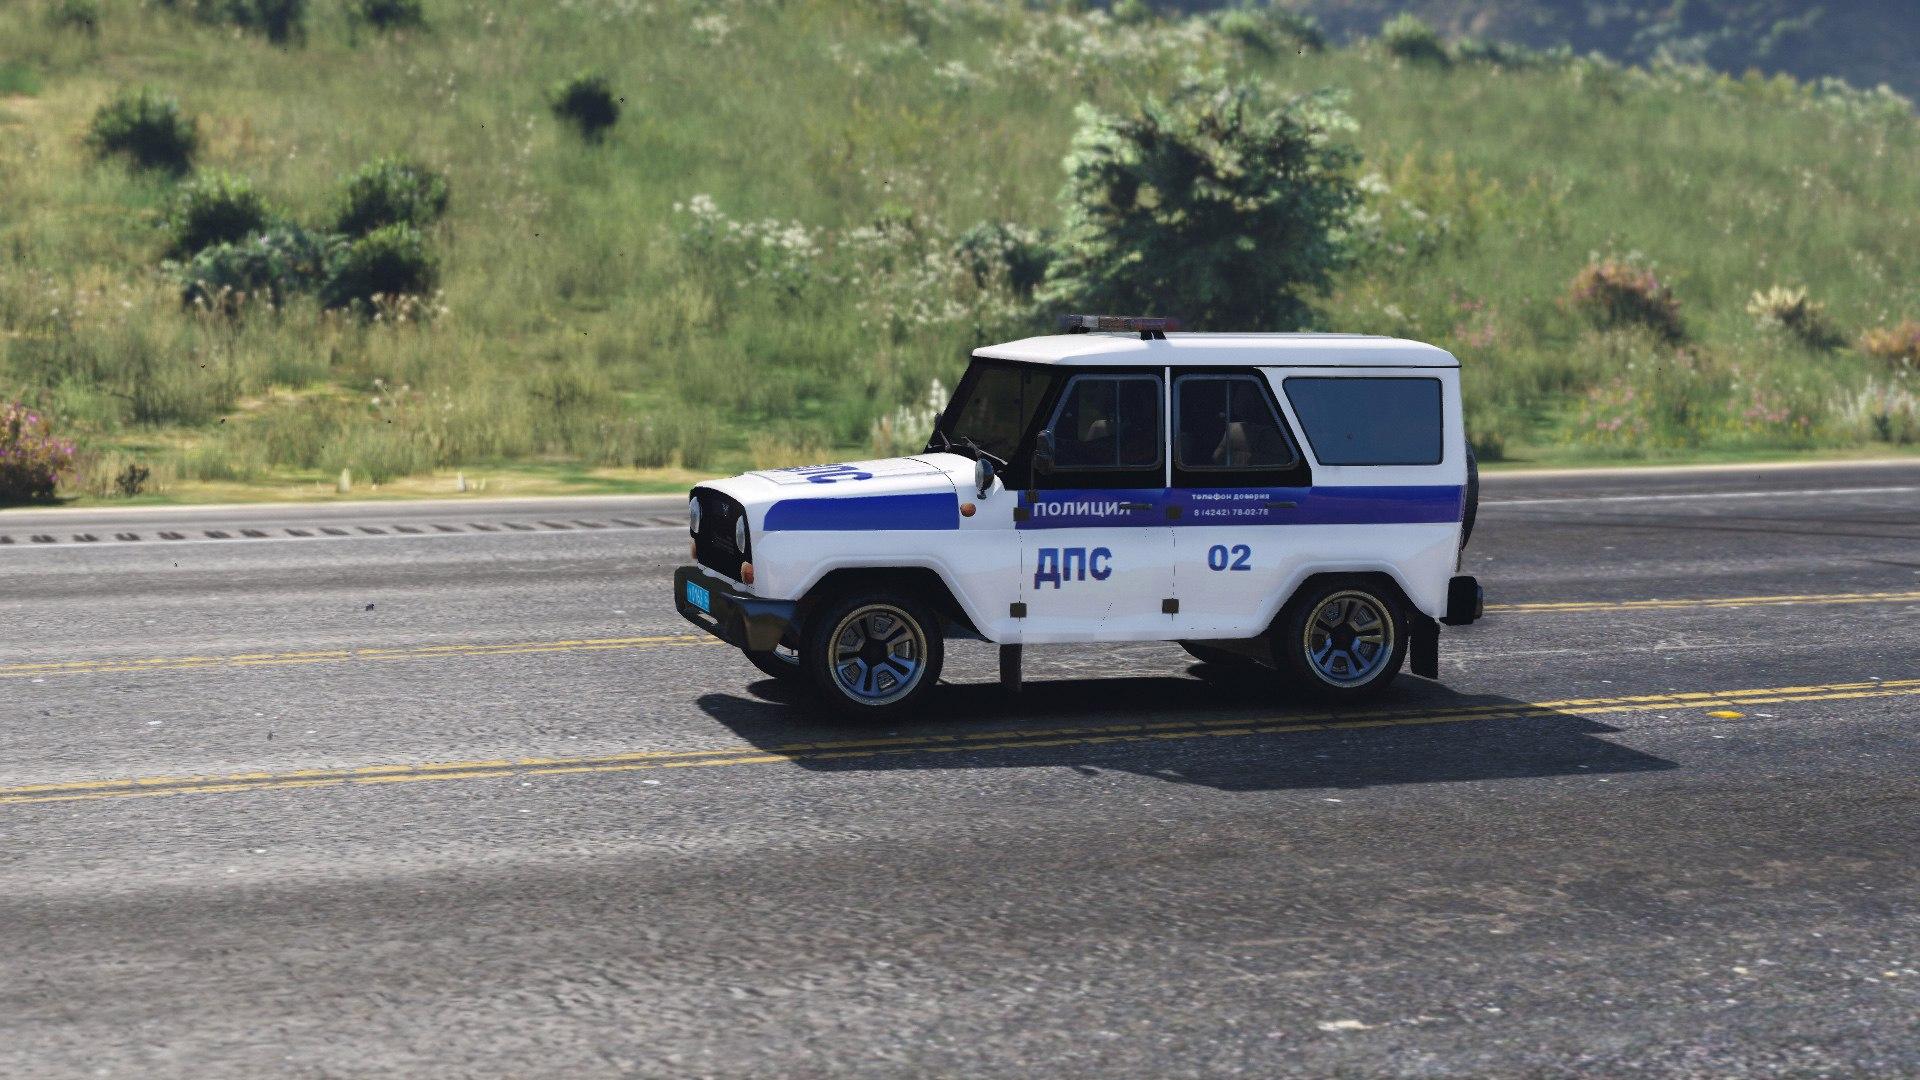 УАЗ Хантер - ДПС для GTA V - Скриншот 2